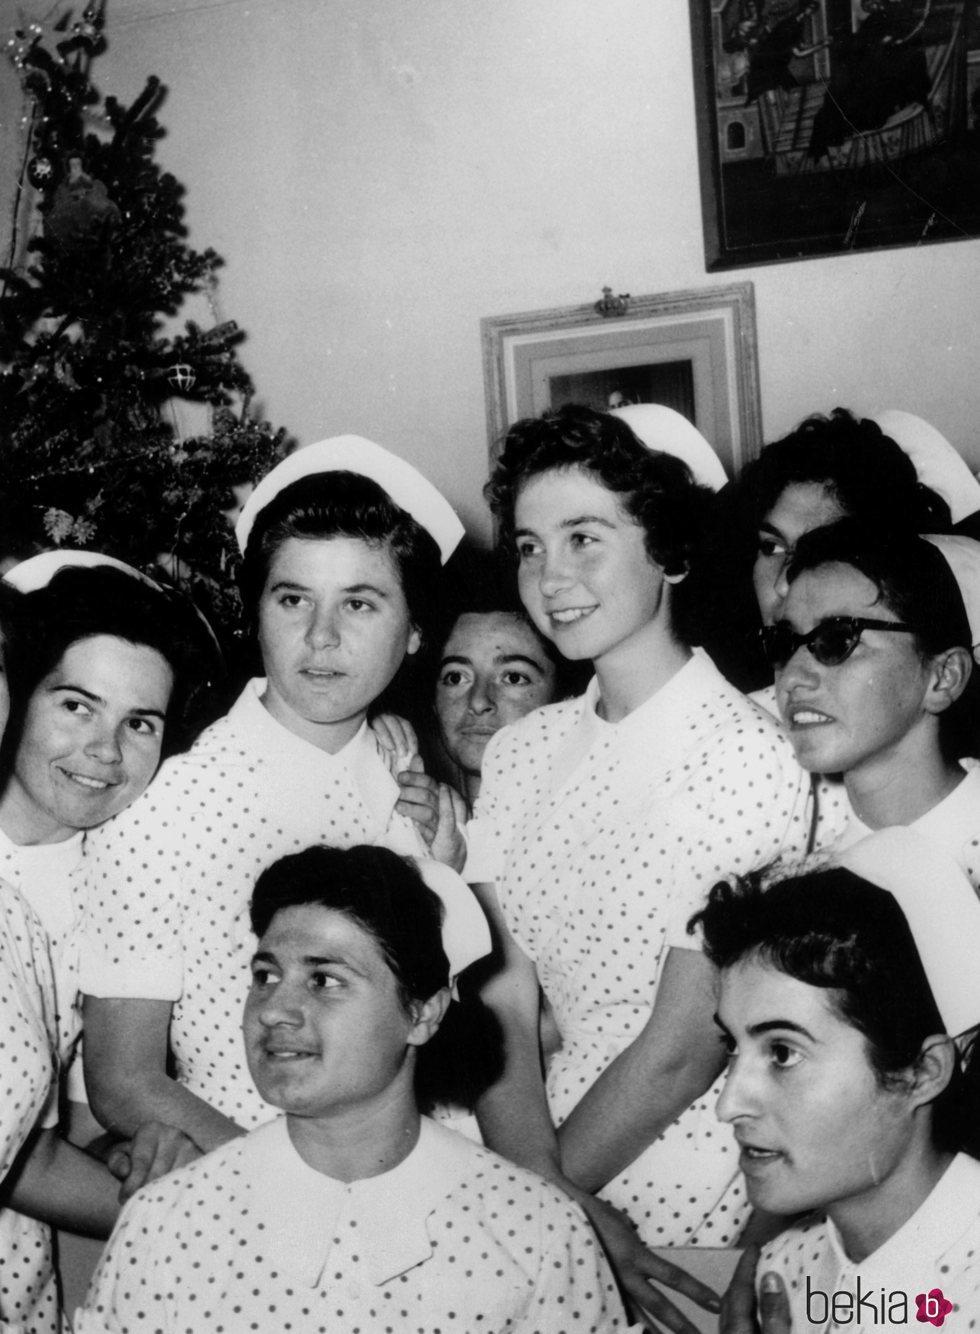 La Reina Sofía con sus compañeras cuando era enfermera